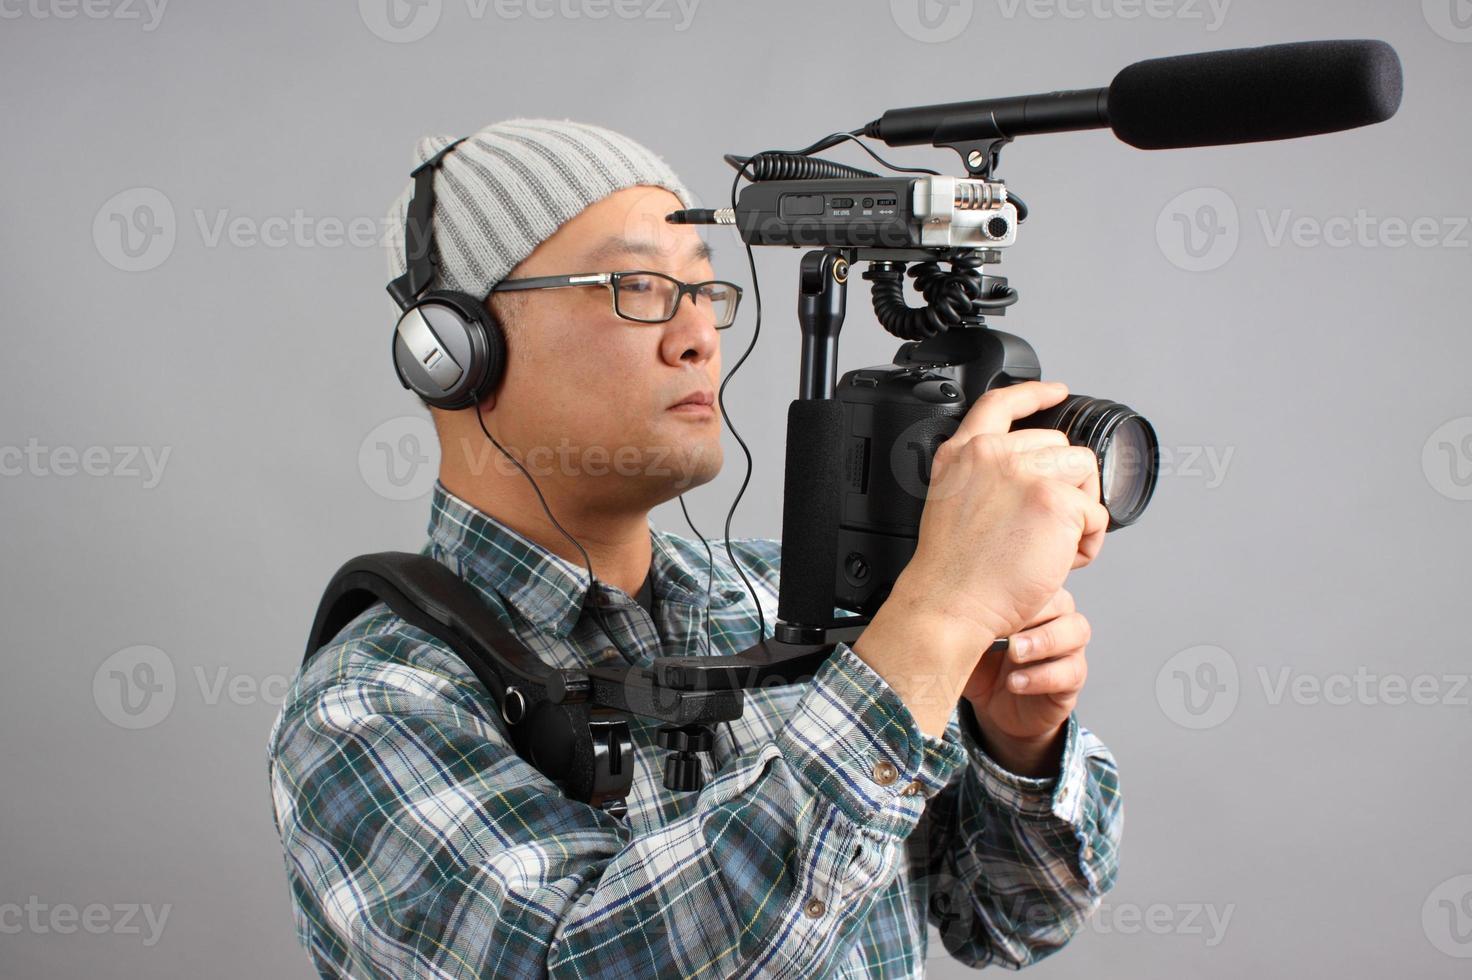 Mann mit HD-Spiegelreflexkamera und Audiogeräten foto